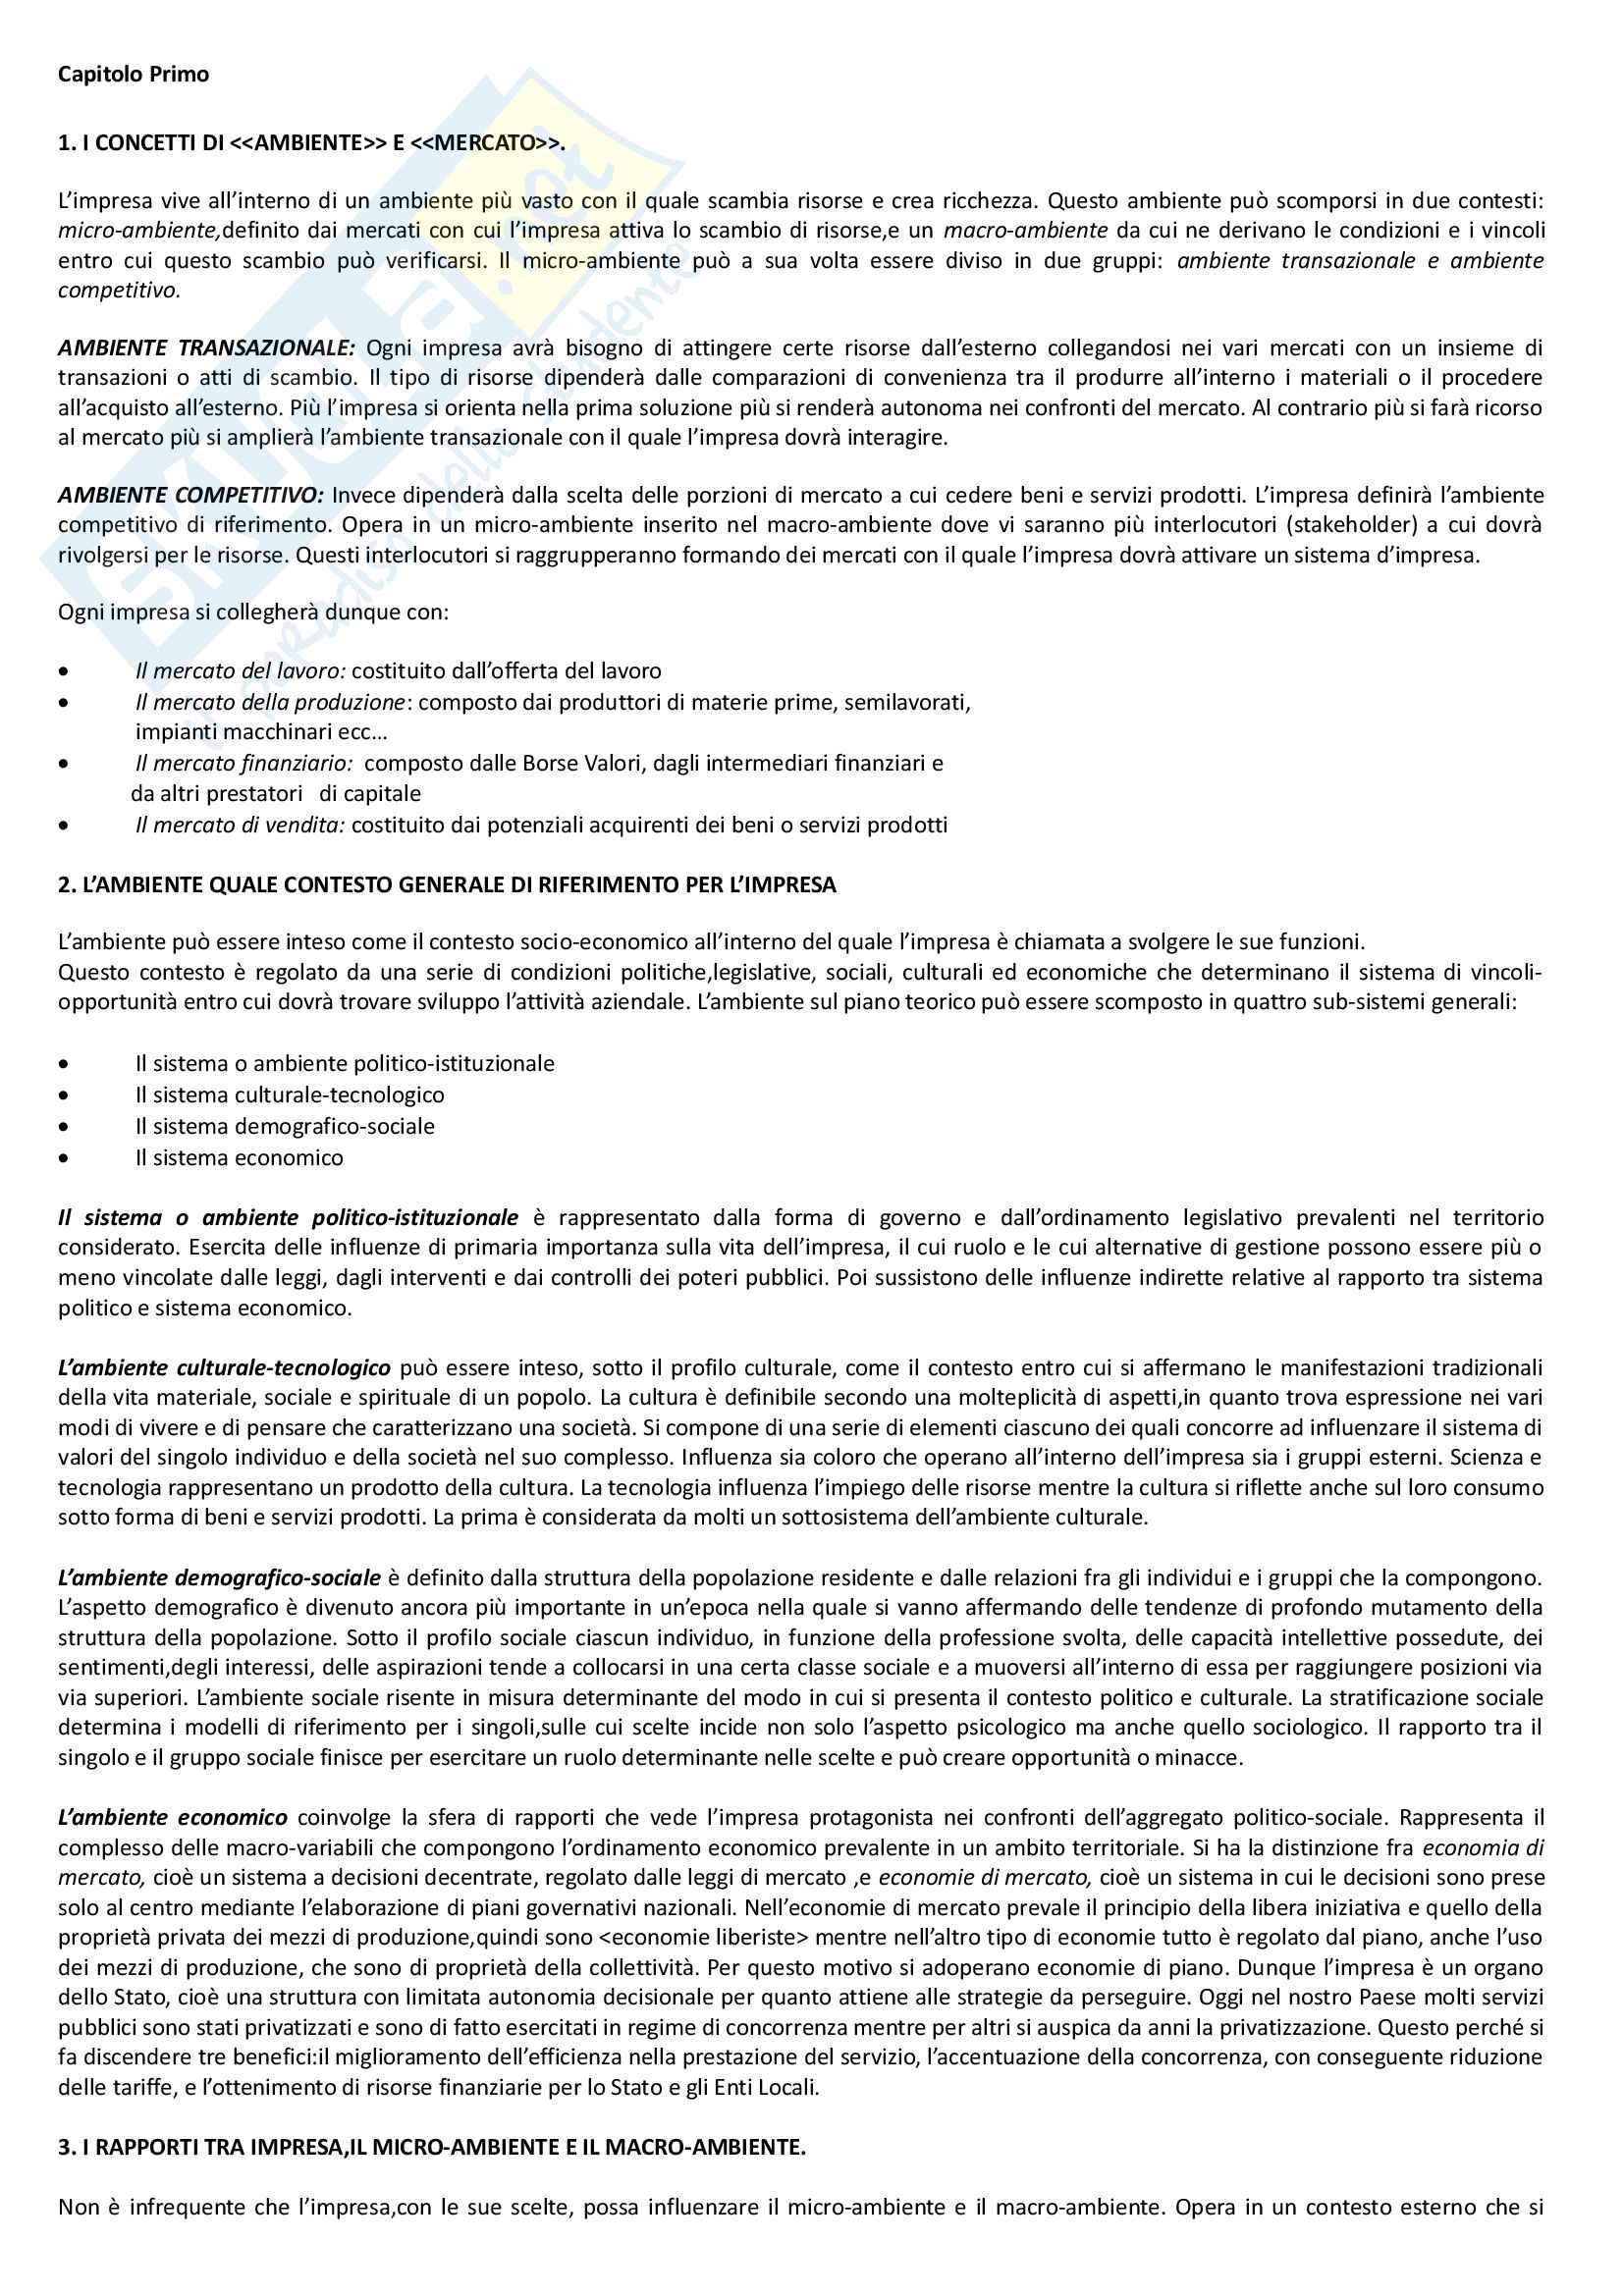 """Riassunto esame economia e gestione delle imprese, docente M. Colurcio, libro consigliato """"La gestione dell'impresa"""", Sciarelli Pag. 2"""